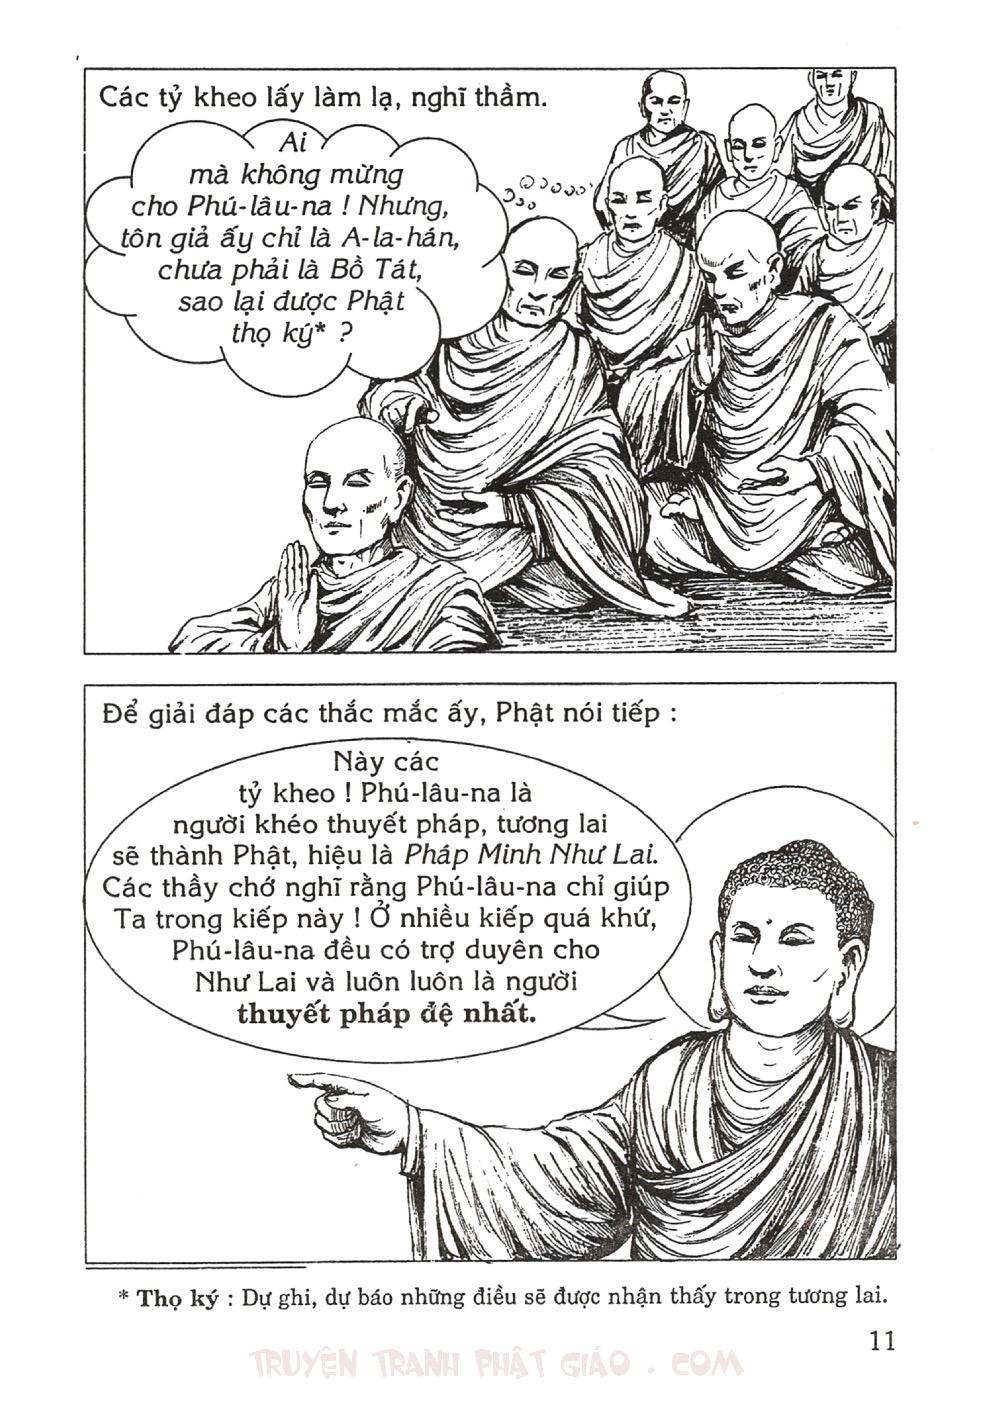 Thập Đại Đệ Tử - Phú Lâu Na